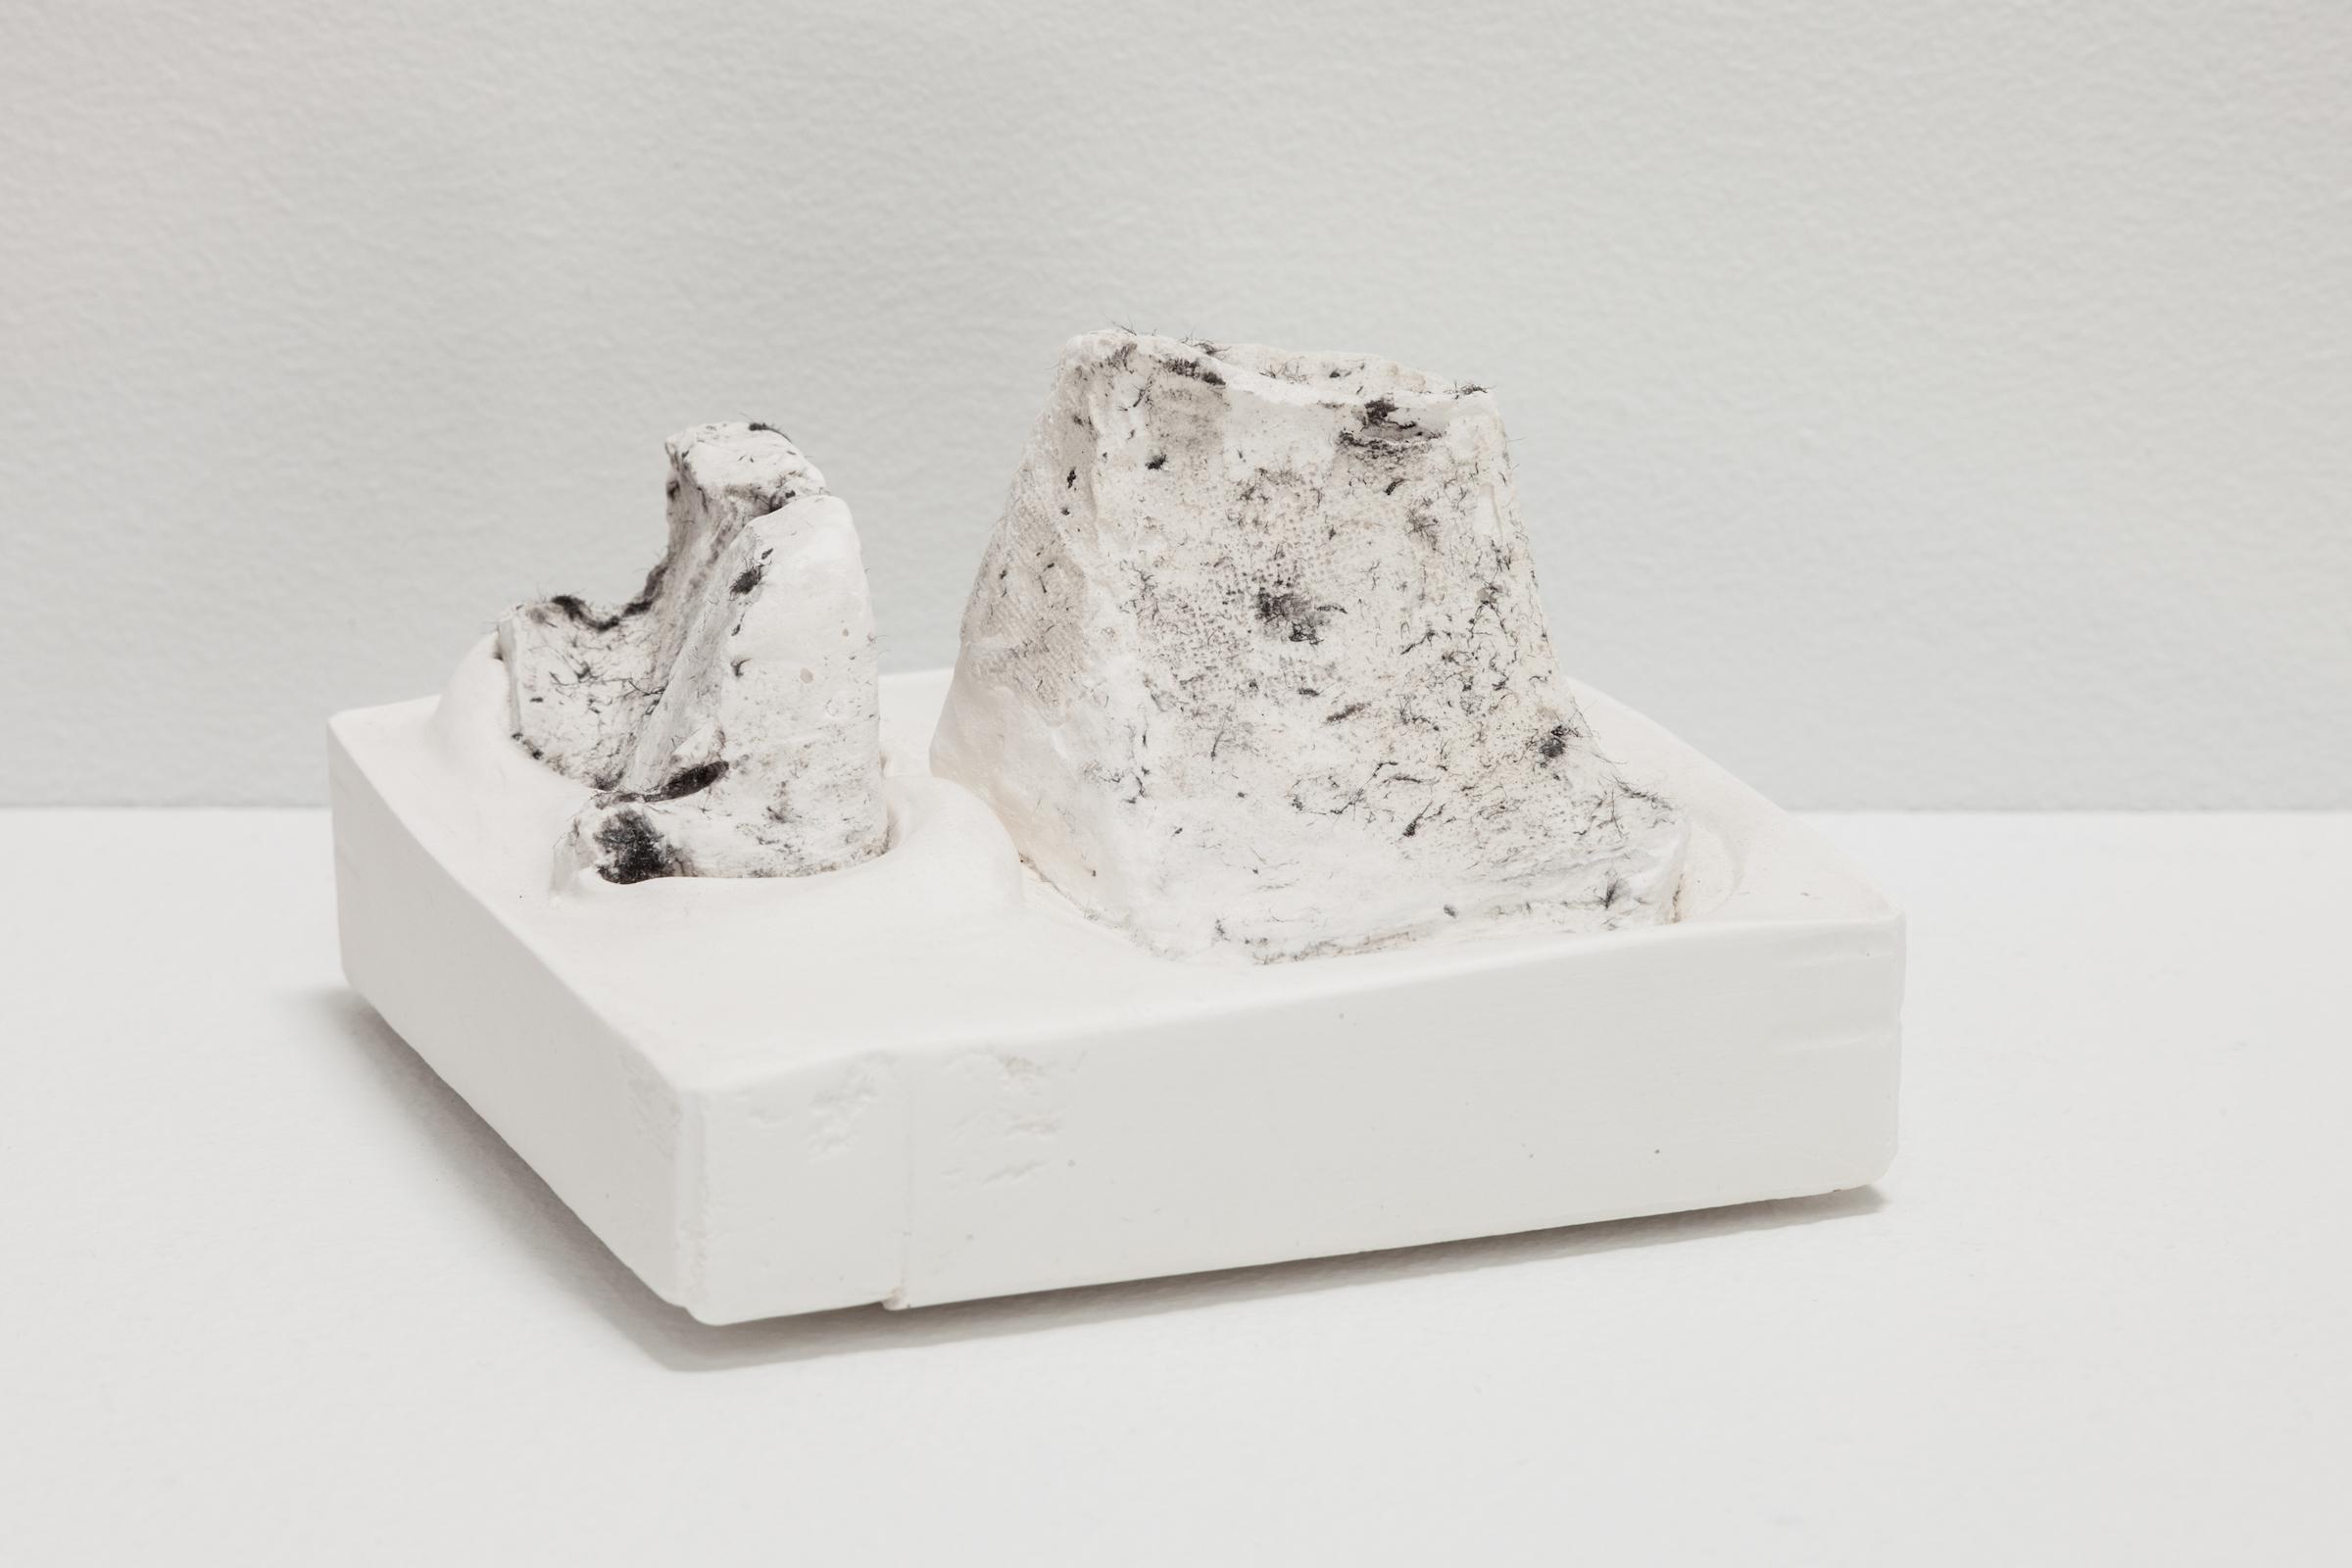 Deborah Hede,  Untitled , 2014, plaster forms, black felt fibers, plaster, 3 × 4 × 4 in